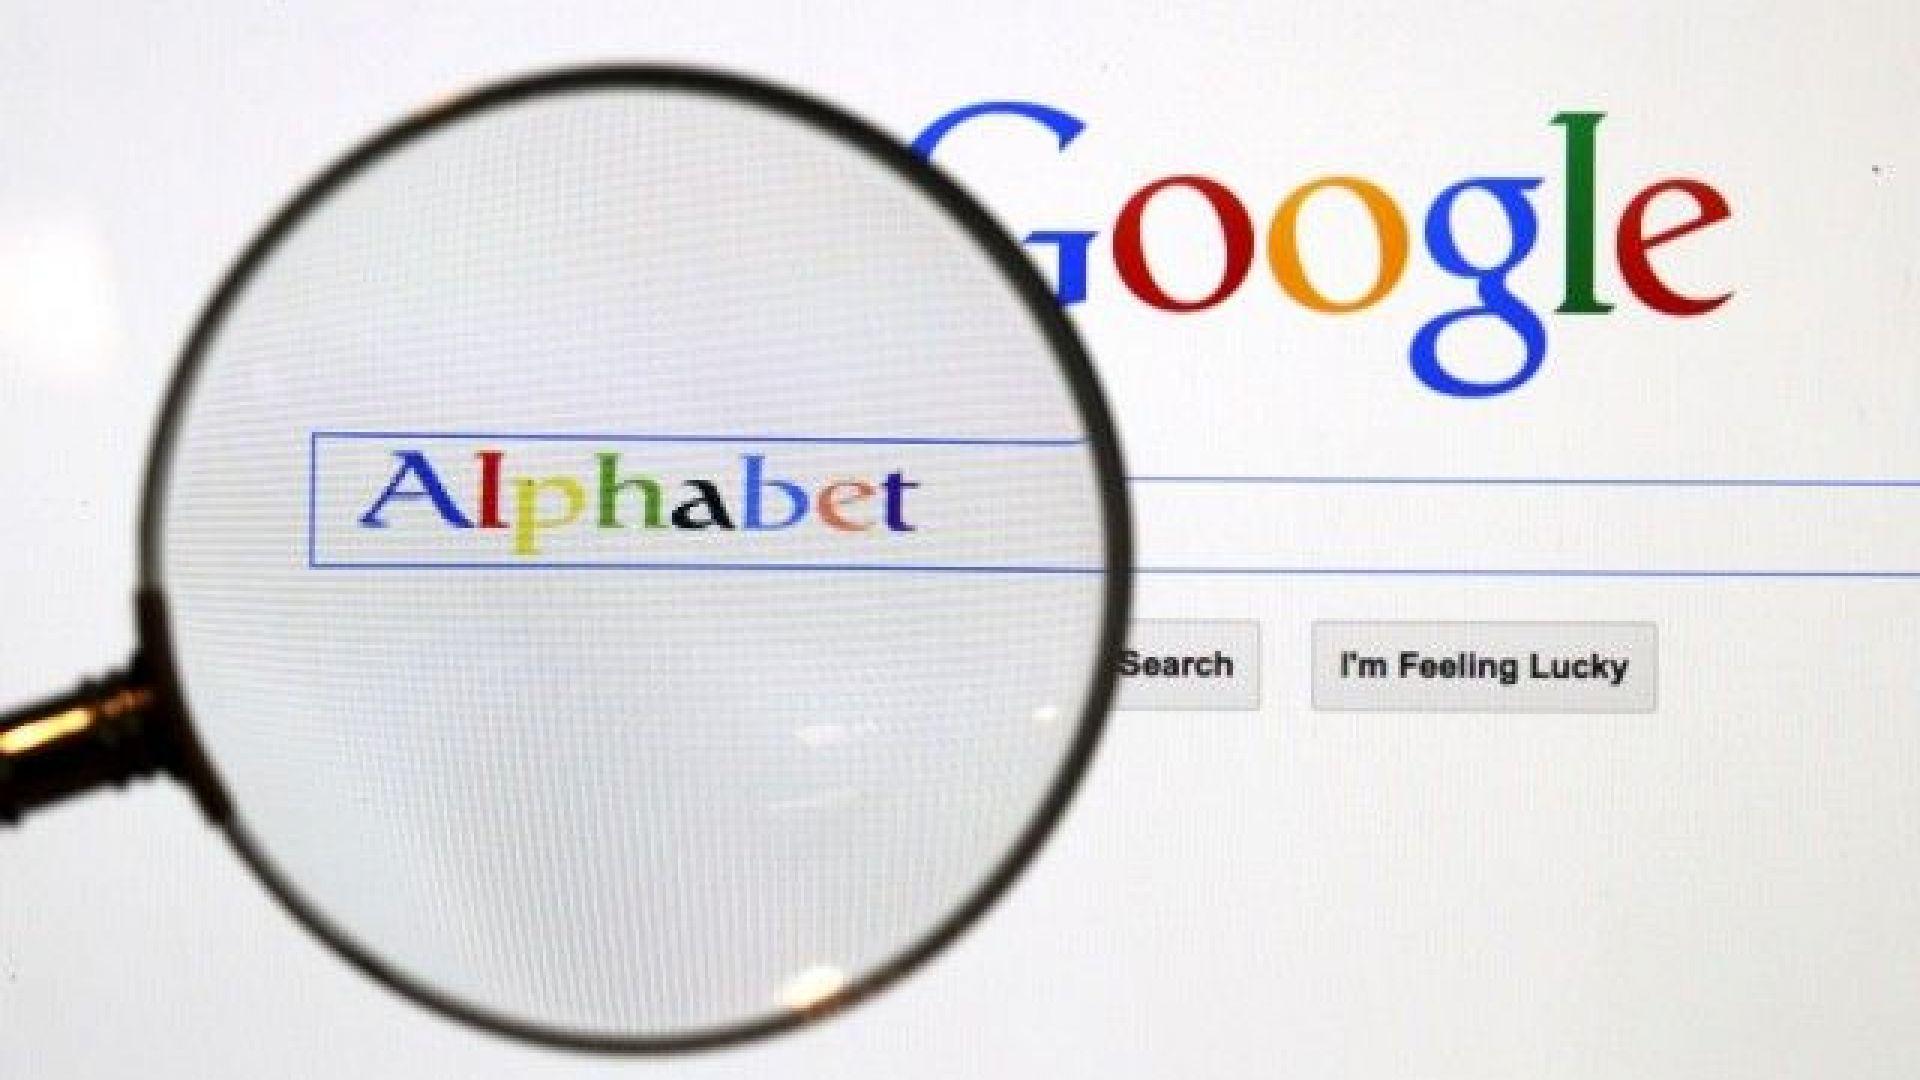 """Алфабет, """"майката на Гугъл, достигна пазарна оценка 1 трлн. долара"""